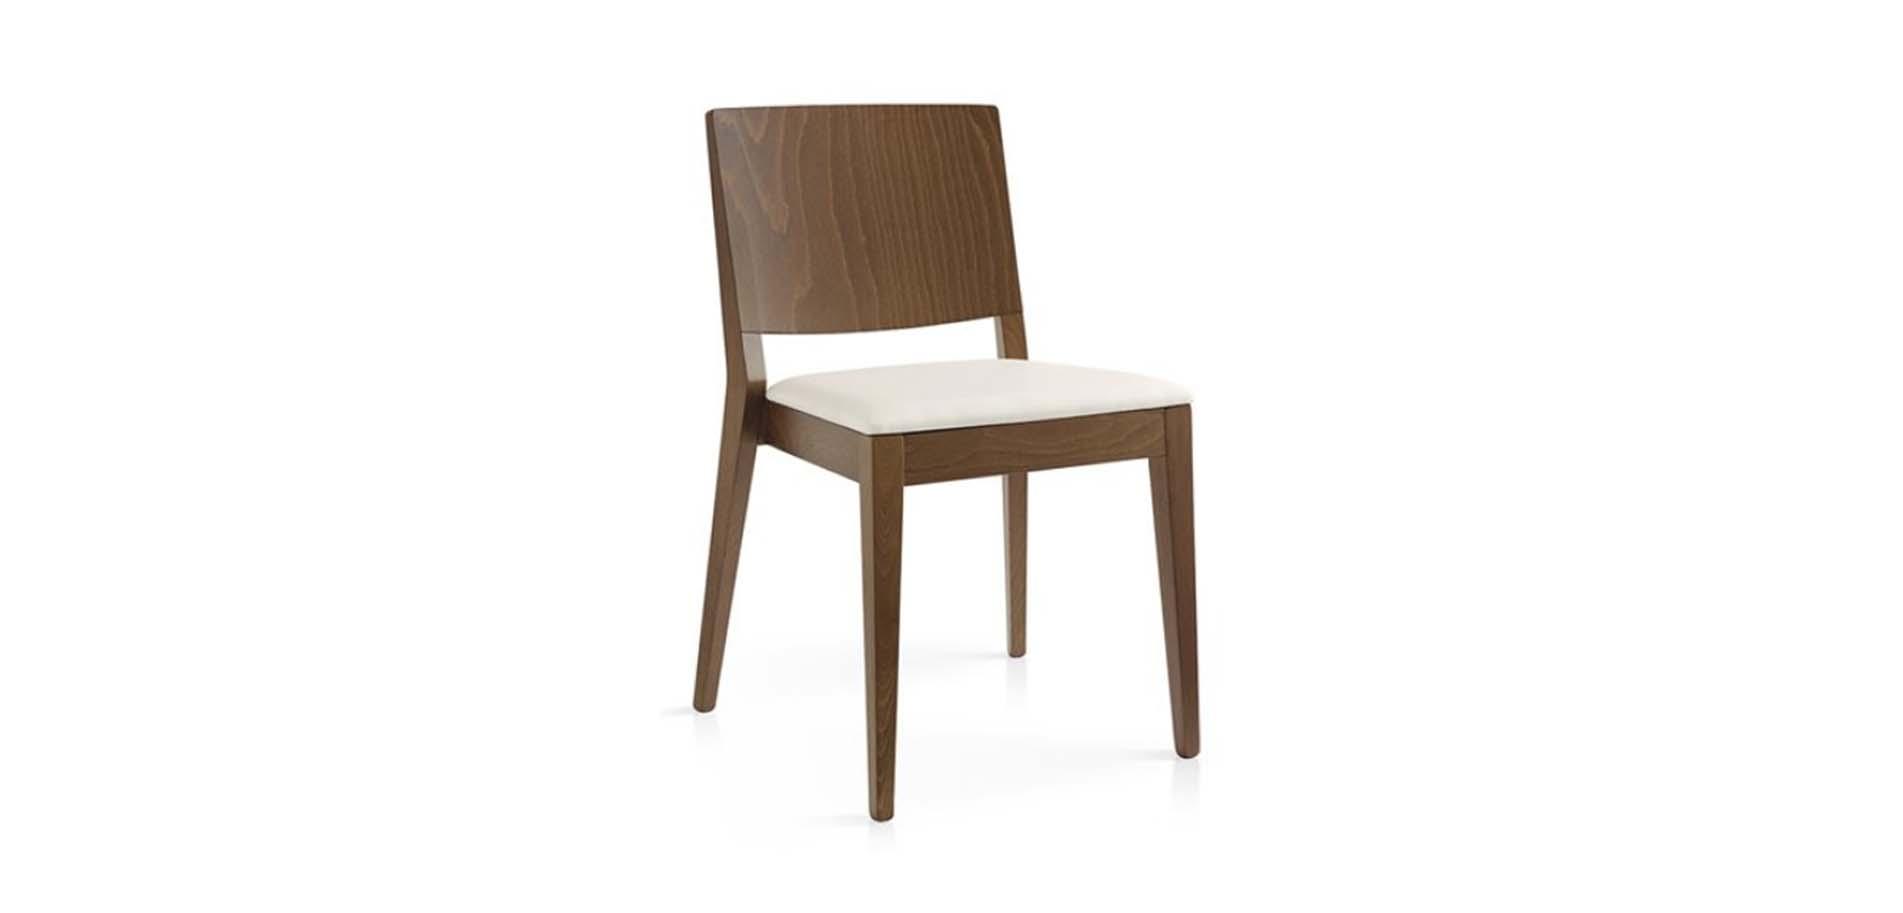 Außergewöhnlich Connubia Calligaris Sammlung Von Ιταλικές καρέκλες